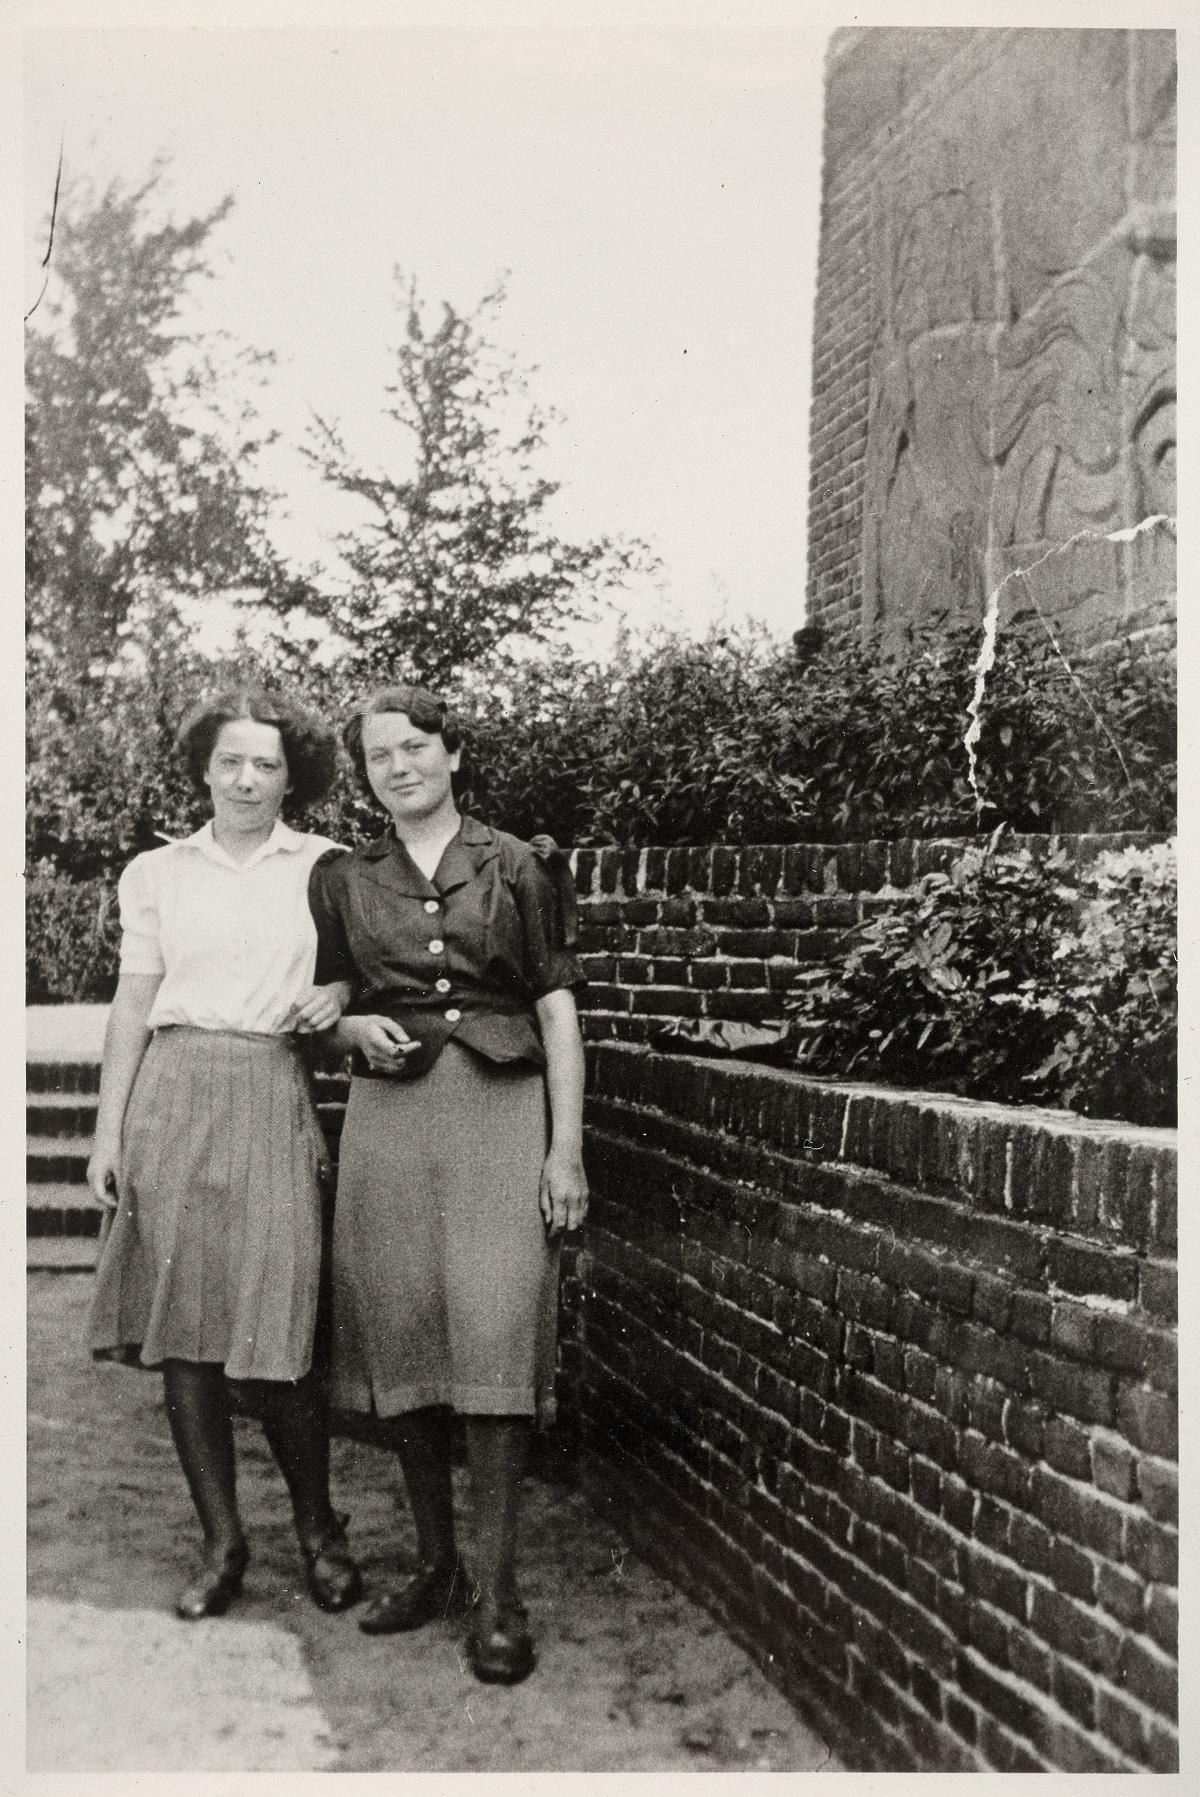 Foto van Hannie Schaft en Jopie Wassink bij het Belgenmonument Amersfoort